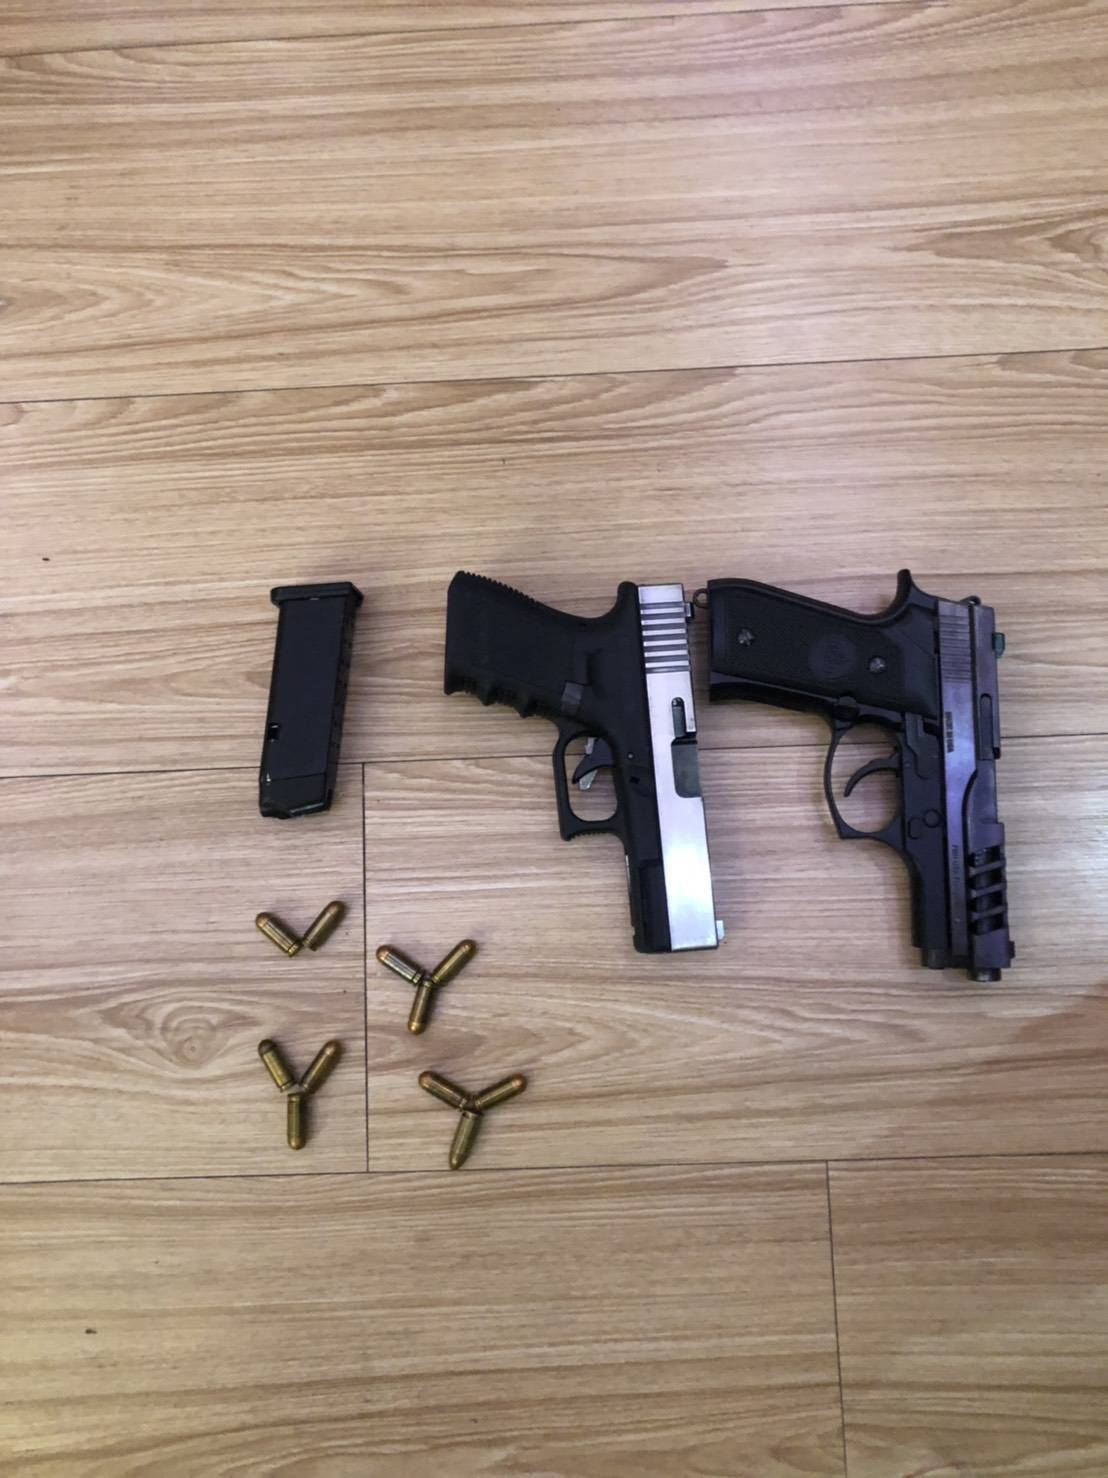 警方查獲40歲陳姓男子擁有2把改造手槍、子彈11顆,將陳男依《槍砲彈藥刀械管制條...